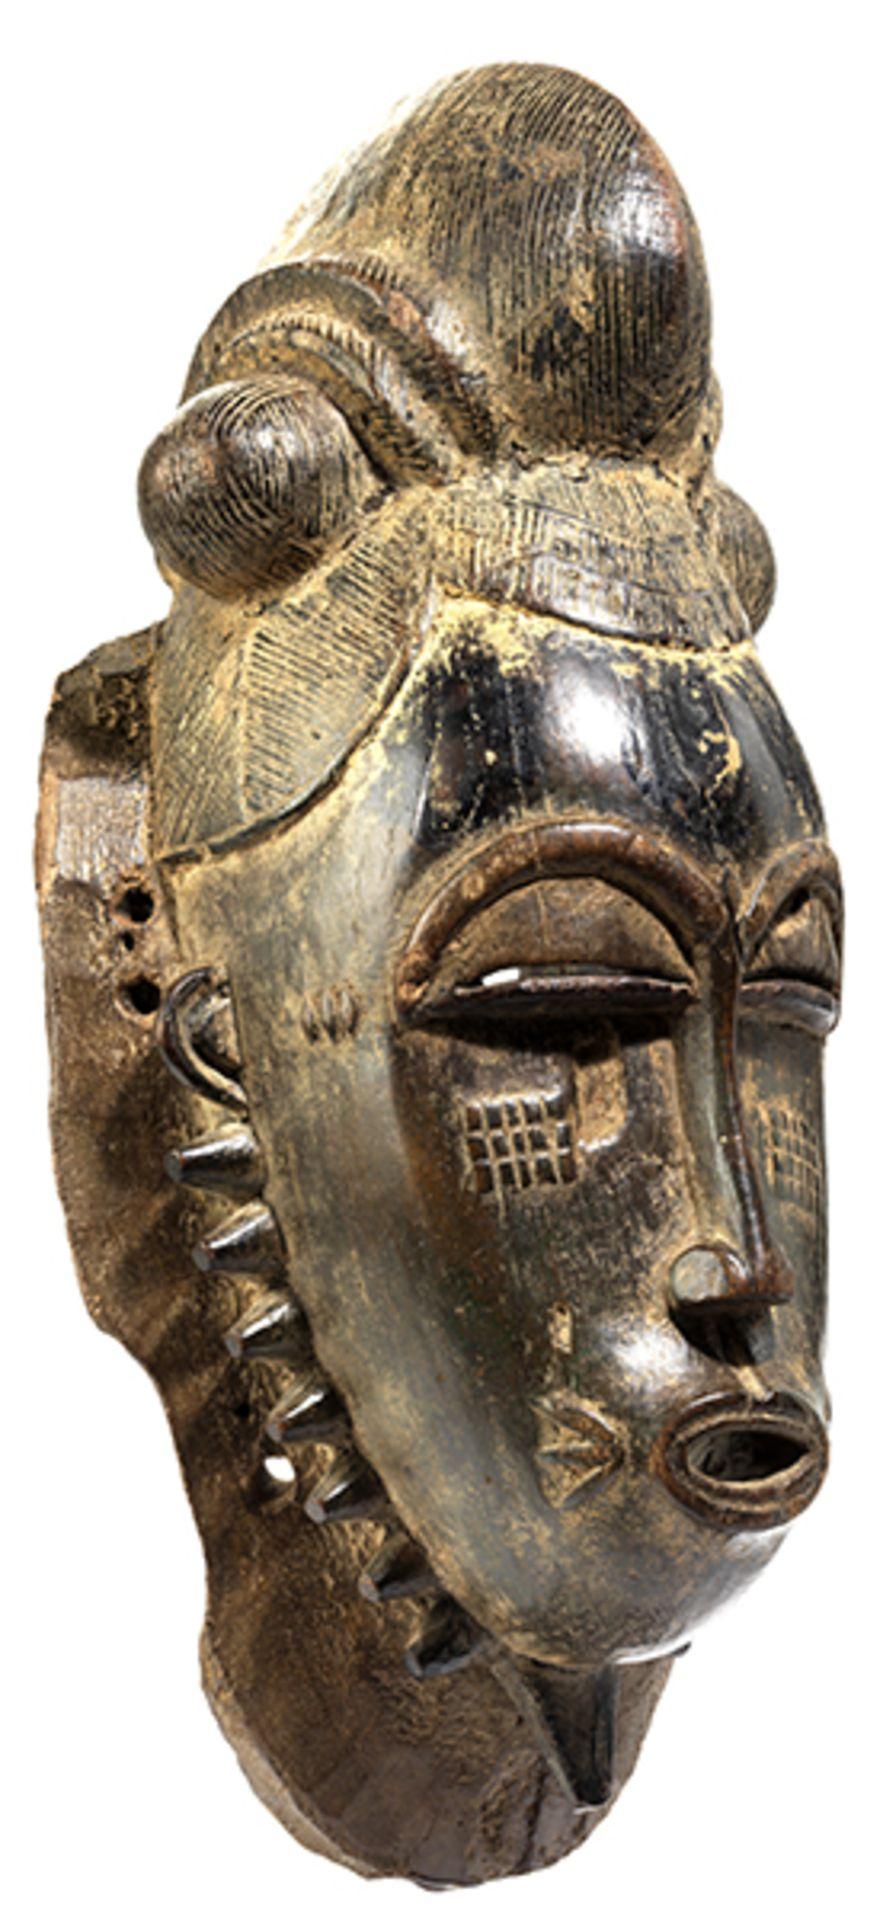 Los 893 - Maske der Baule Höhe: 43 cm. Elfenbeinküste, Volk der Baule. Provenienz: H. Ryser, Zürich, 20....